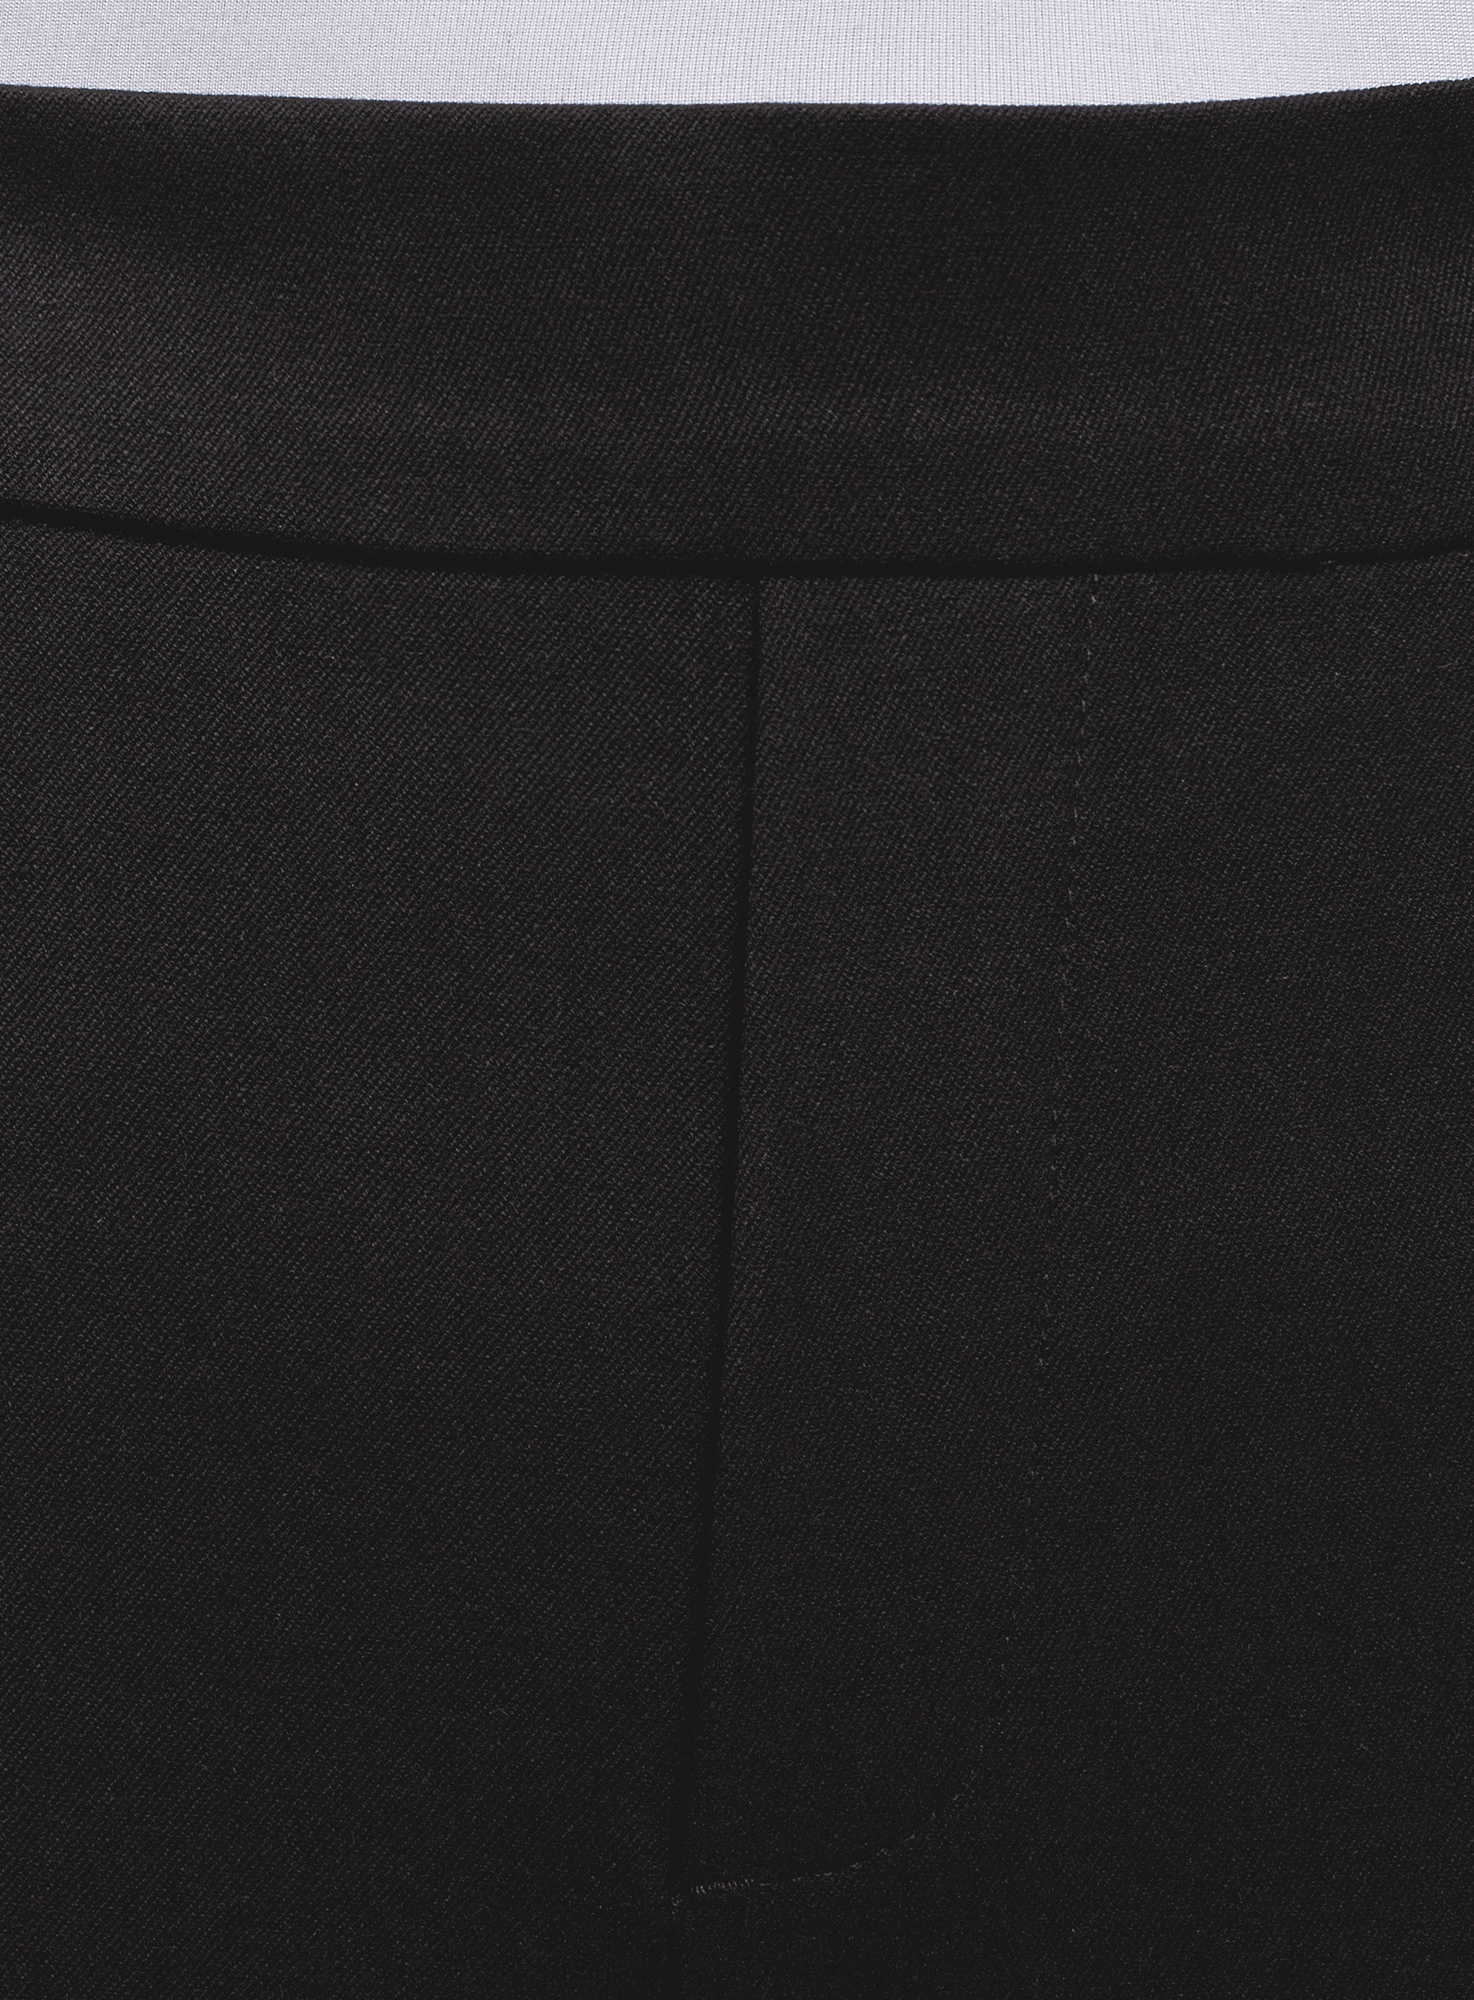 Брюки зауженные на резинке oodji для женщины (черный), 11703091-2/45844/2900N